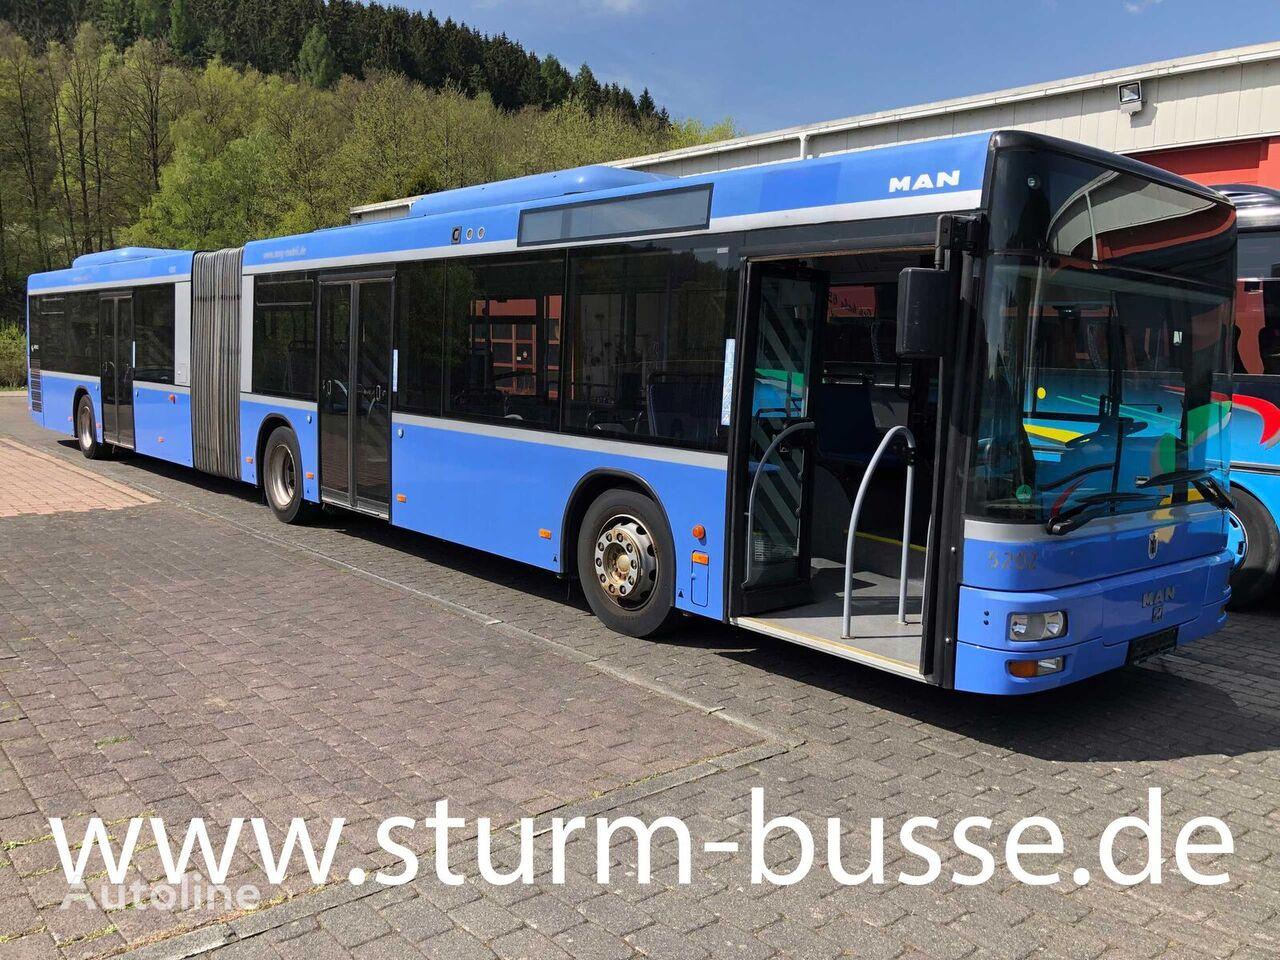 MAN A23 autobús articulado